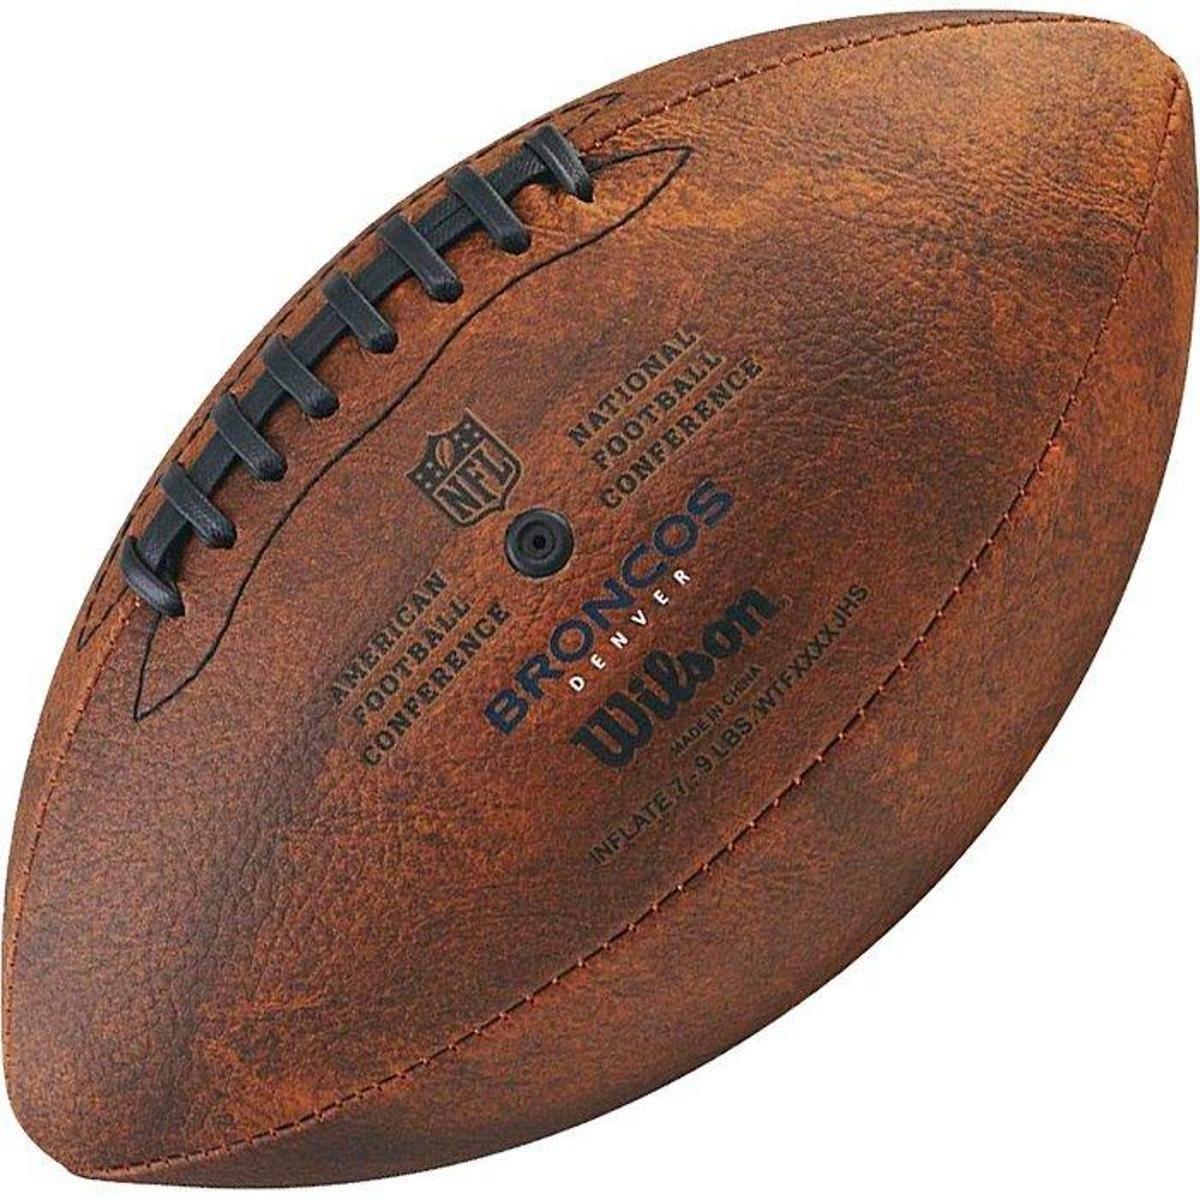 ... Bola de Futebol Americano Wilson Throwback NFL Jr. Denver Broncos ... a32c7901f3643